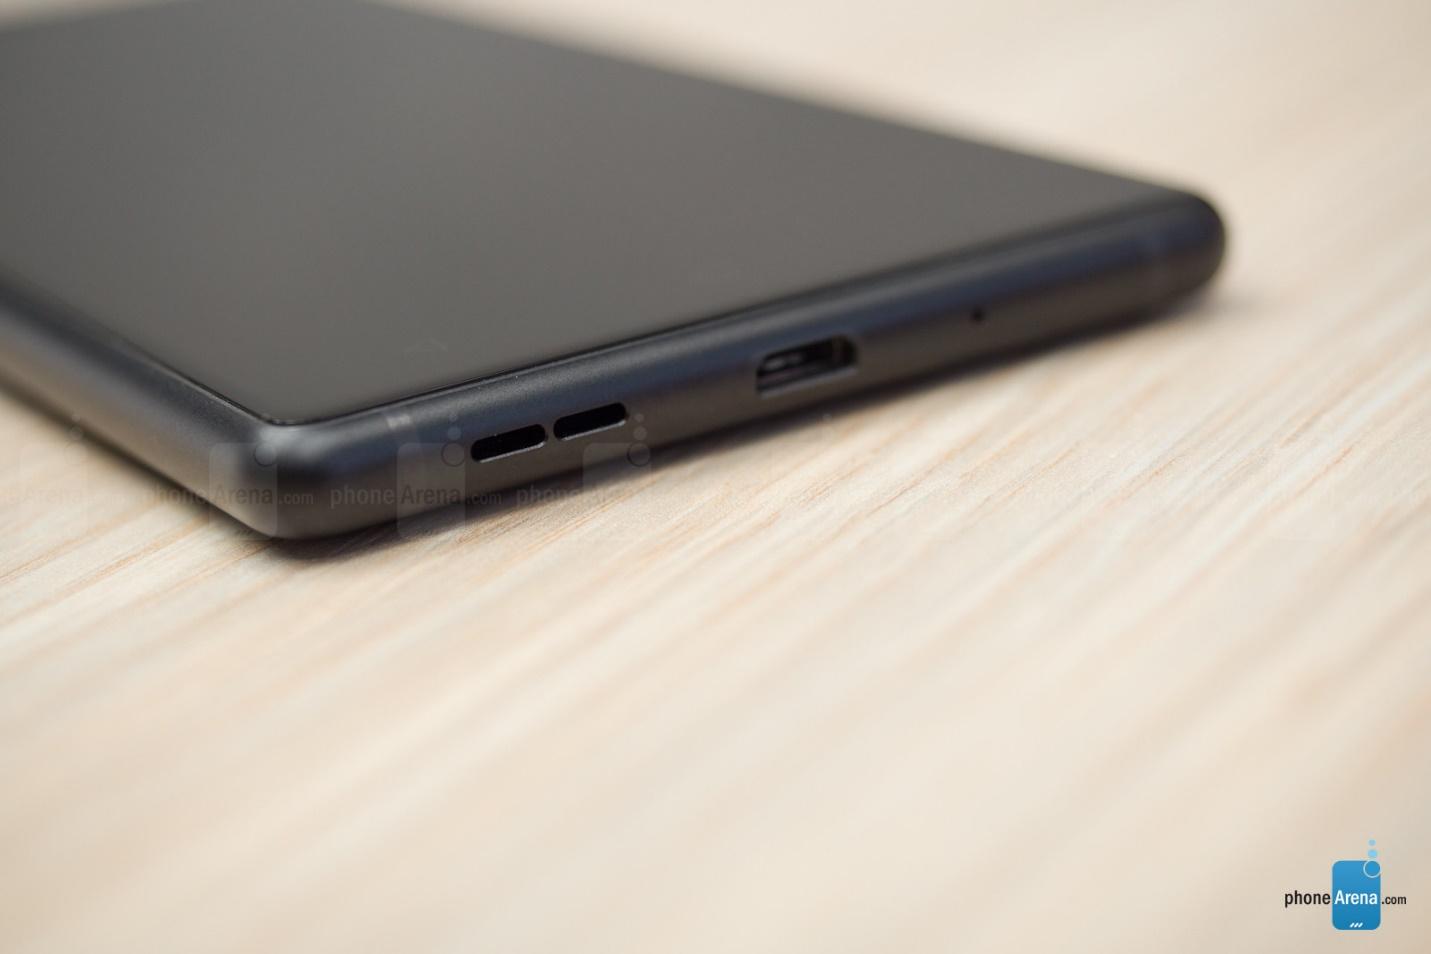 https://i-cdn.phonearena.com/images/reviews/208372-image/Nokia-3-Review-059.jpg